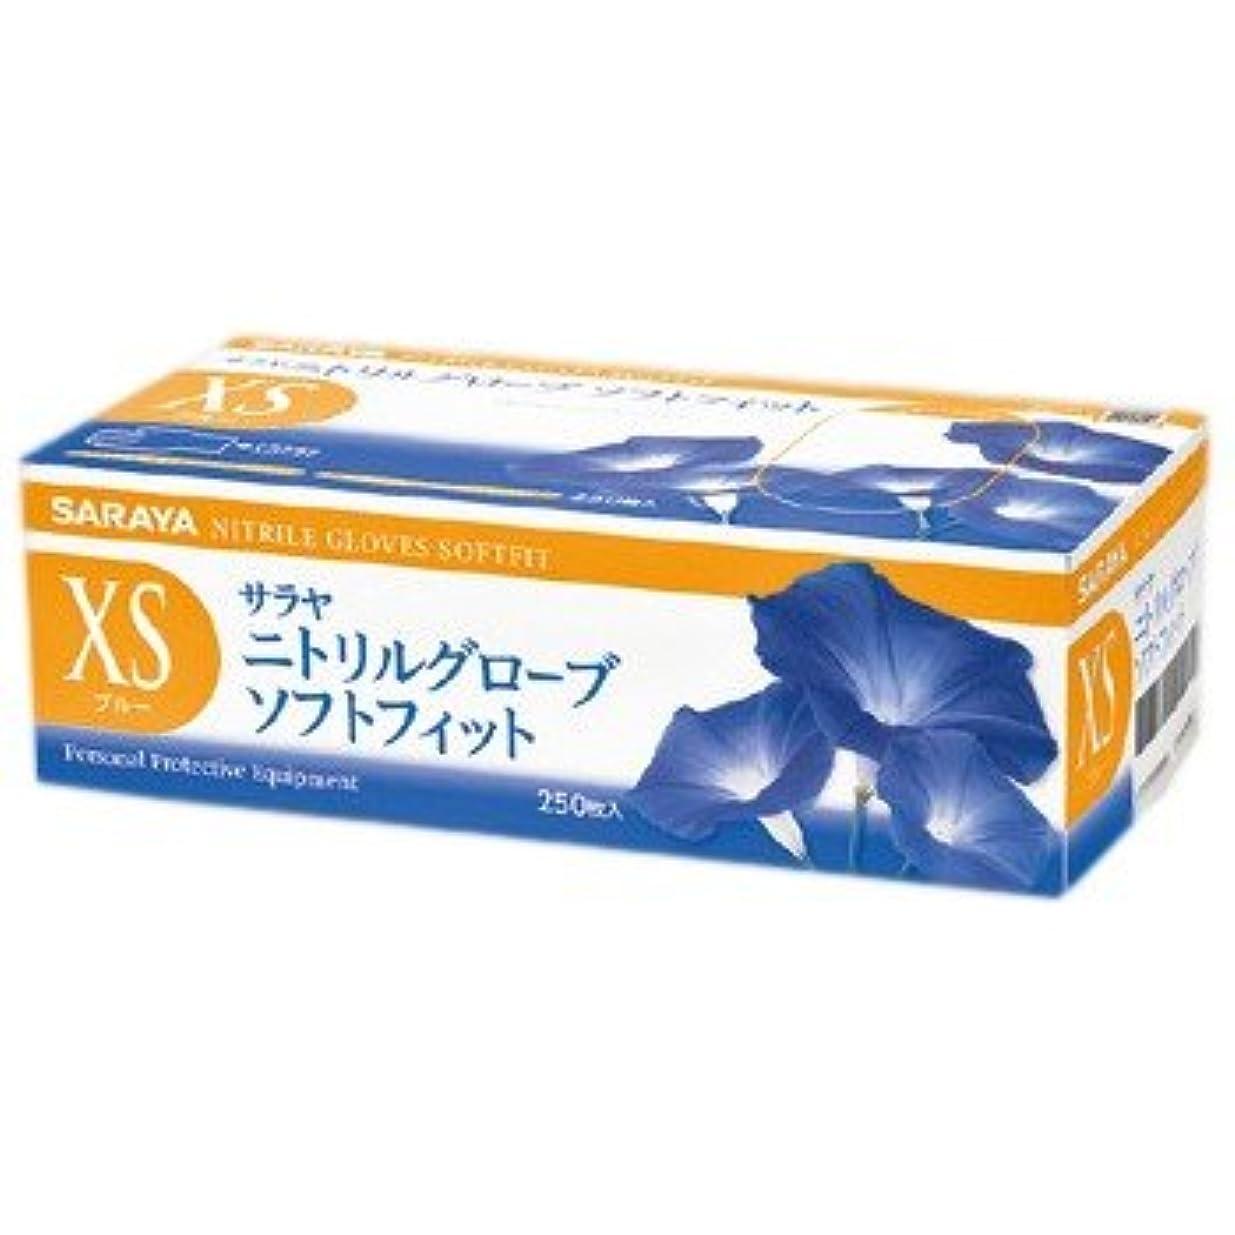 フローラフ睡眠物足りないサラヤ ニトリルグローブ ソフトフィット パウダーフリー ブルー XS 250枚×10箱入